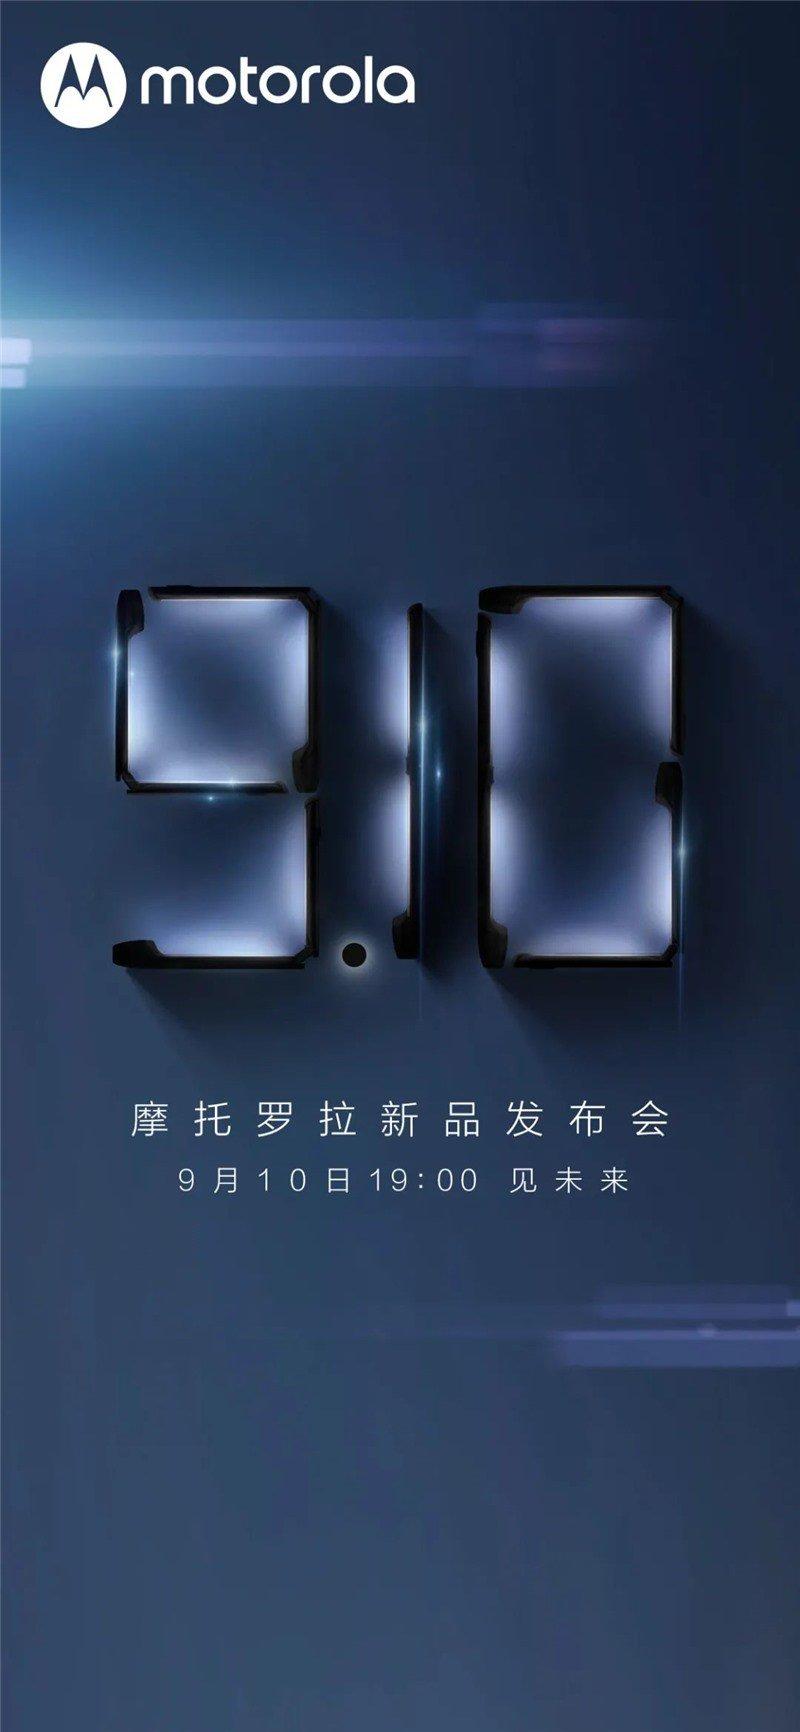 Moto Razr 5G China Teaser